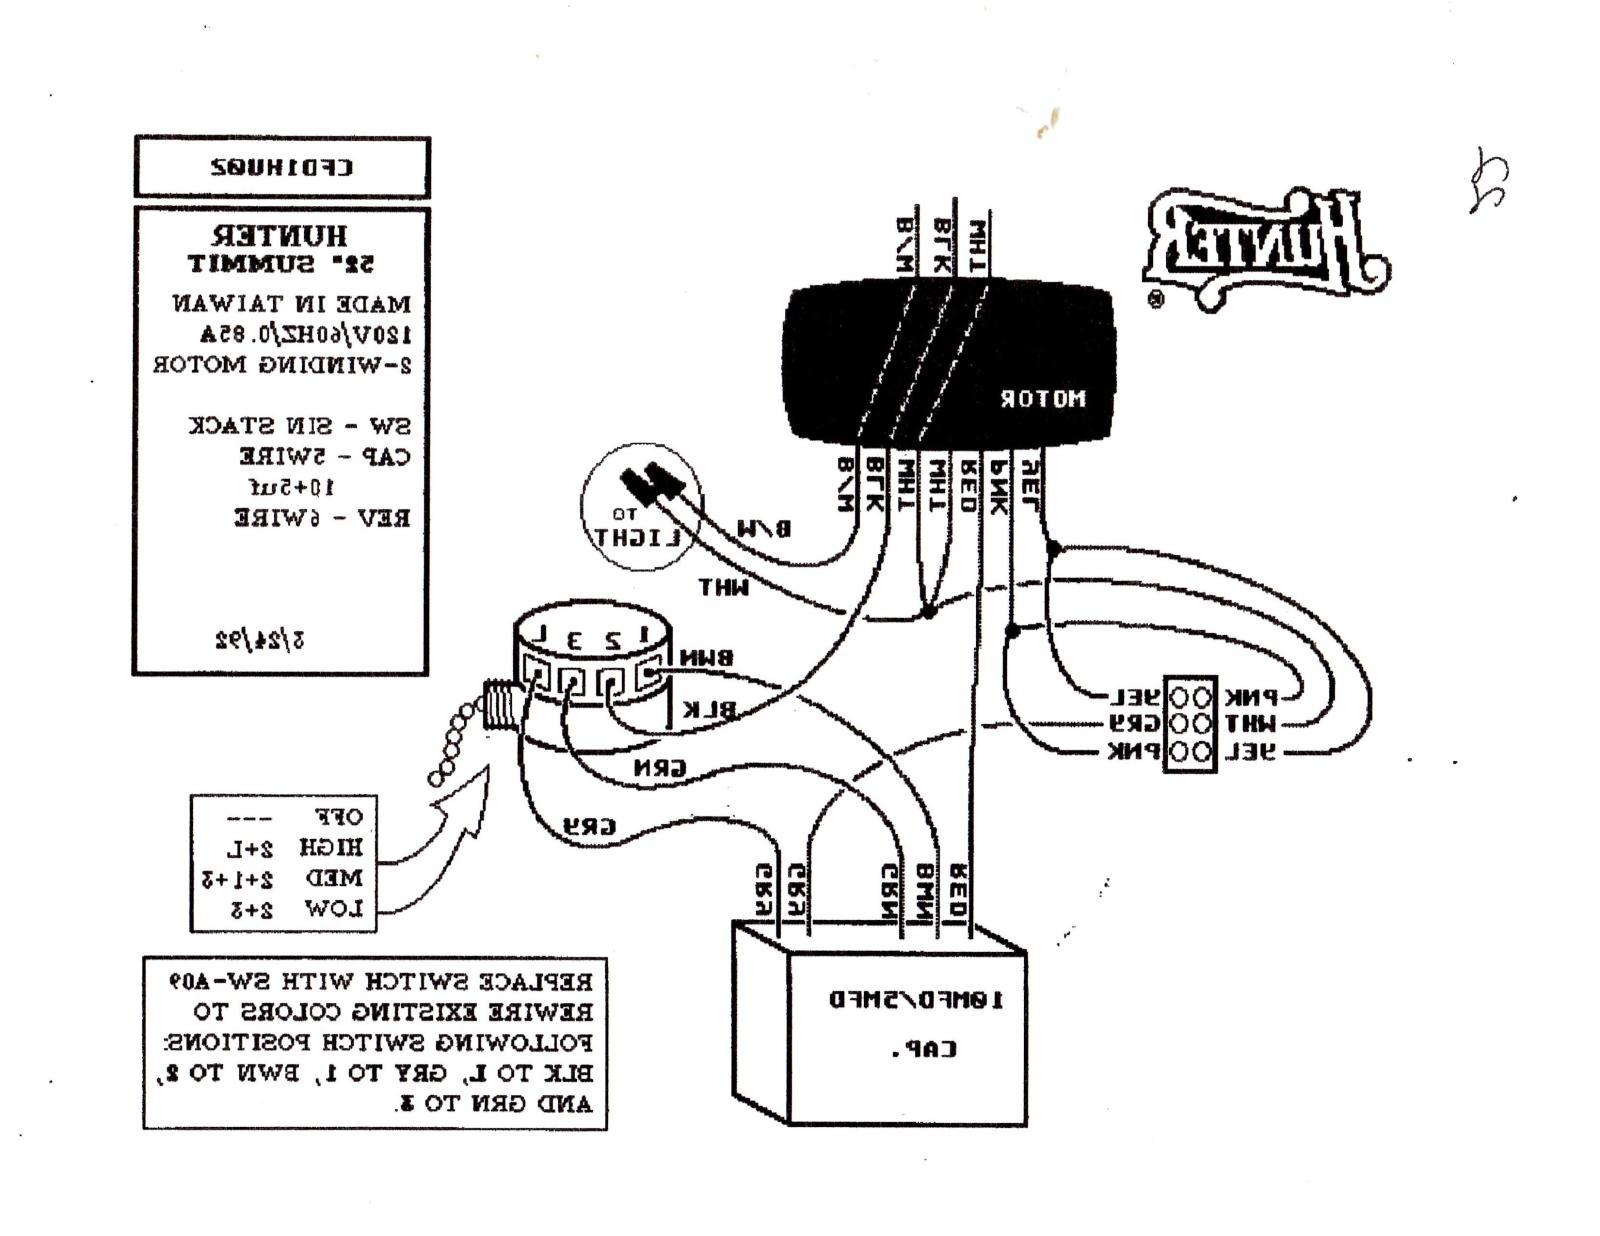 hunter fans wiring diagram - Wiring Diagram